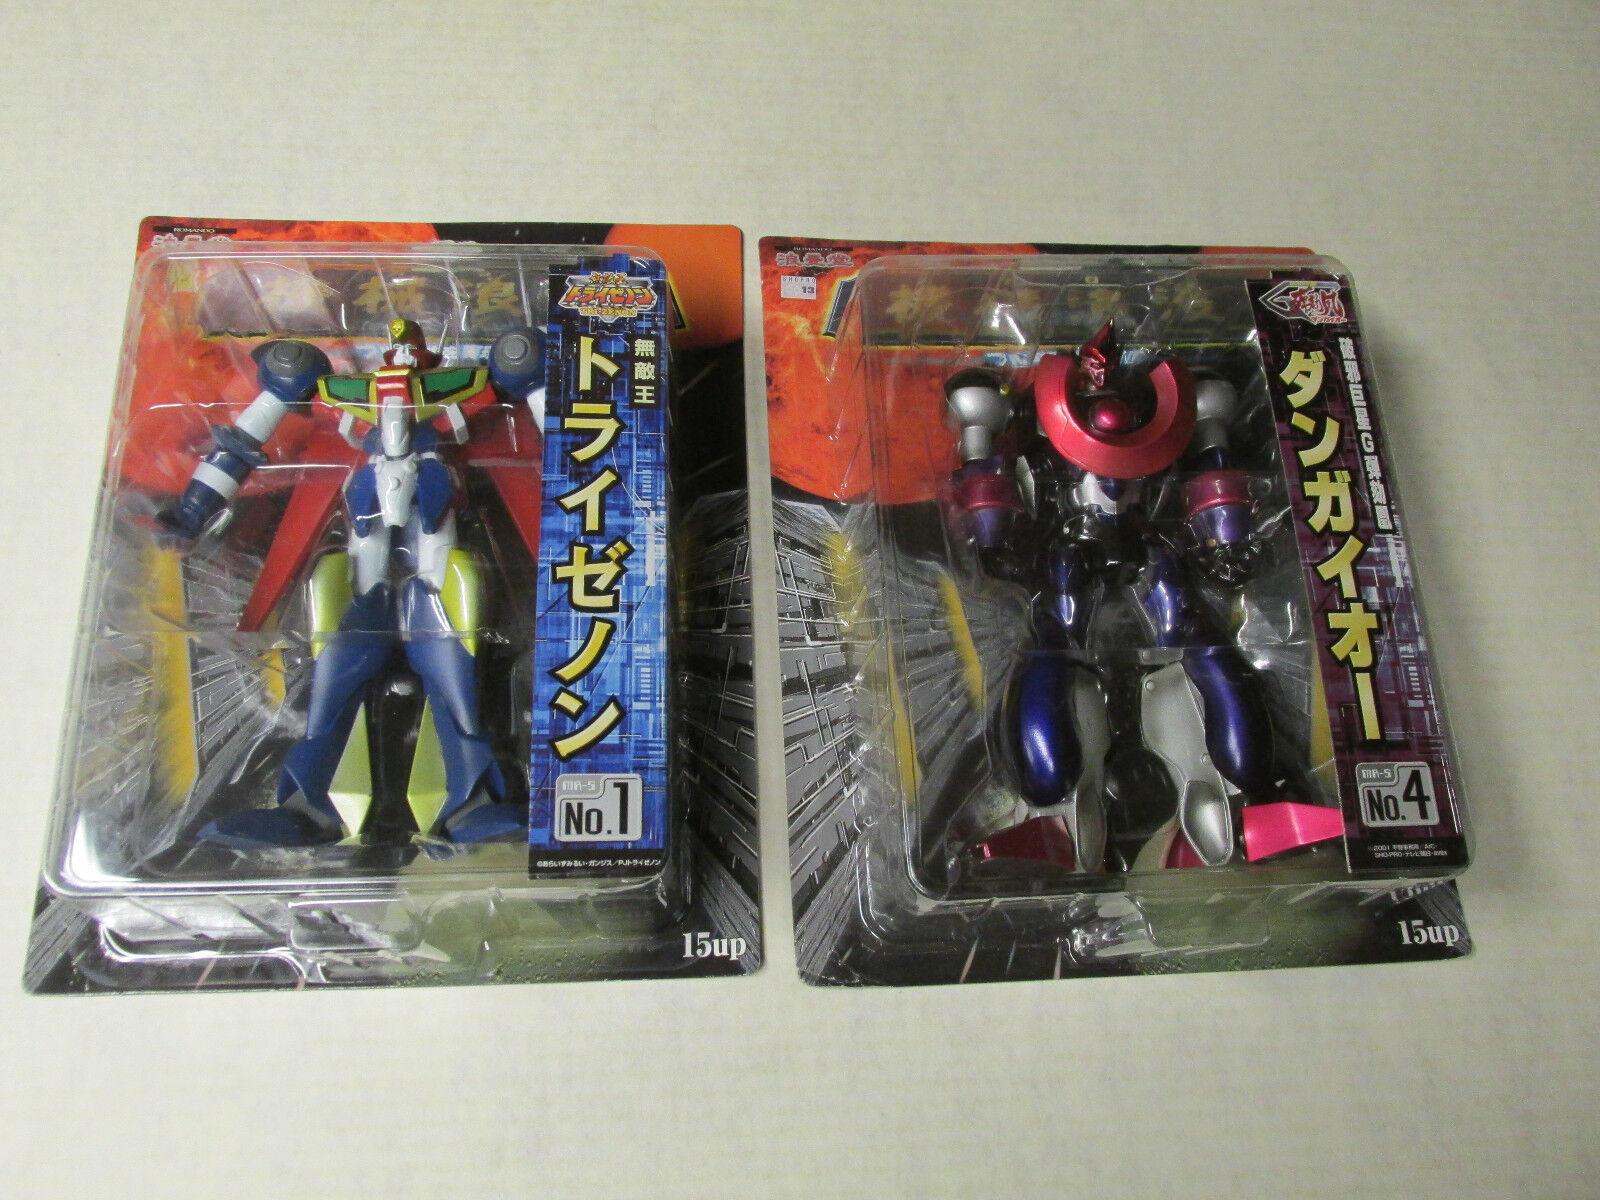 Invincible King Tri-Zenon-Muteki-O torai Zeno Robo Hyper Combat Dangaioh Set MIB